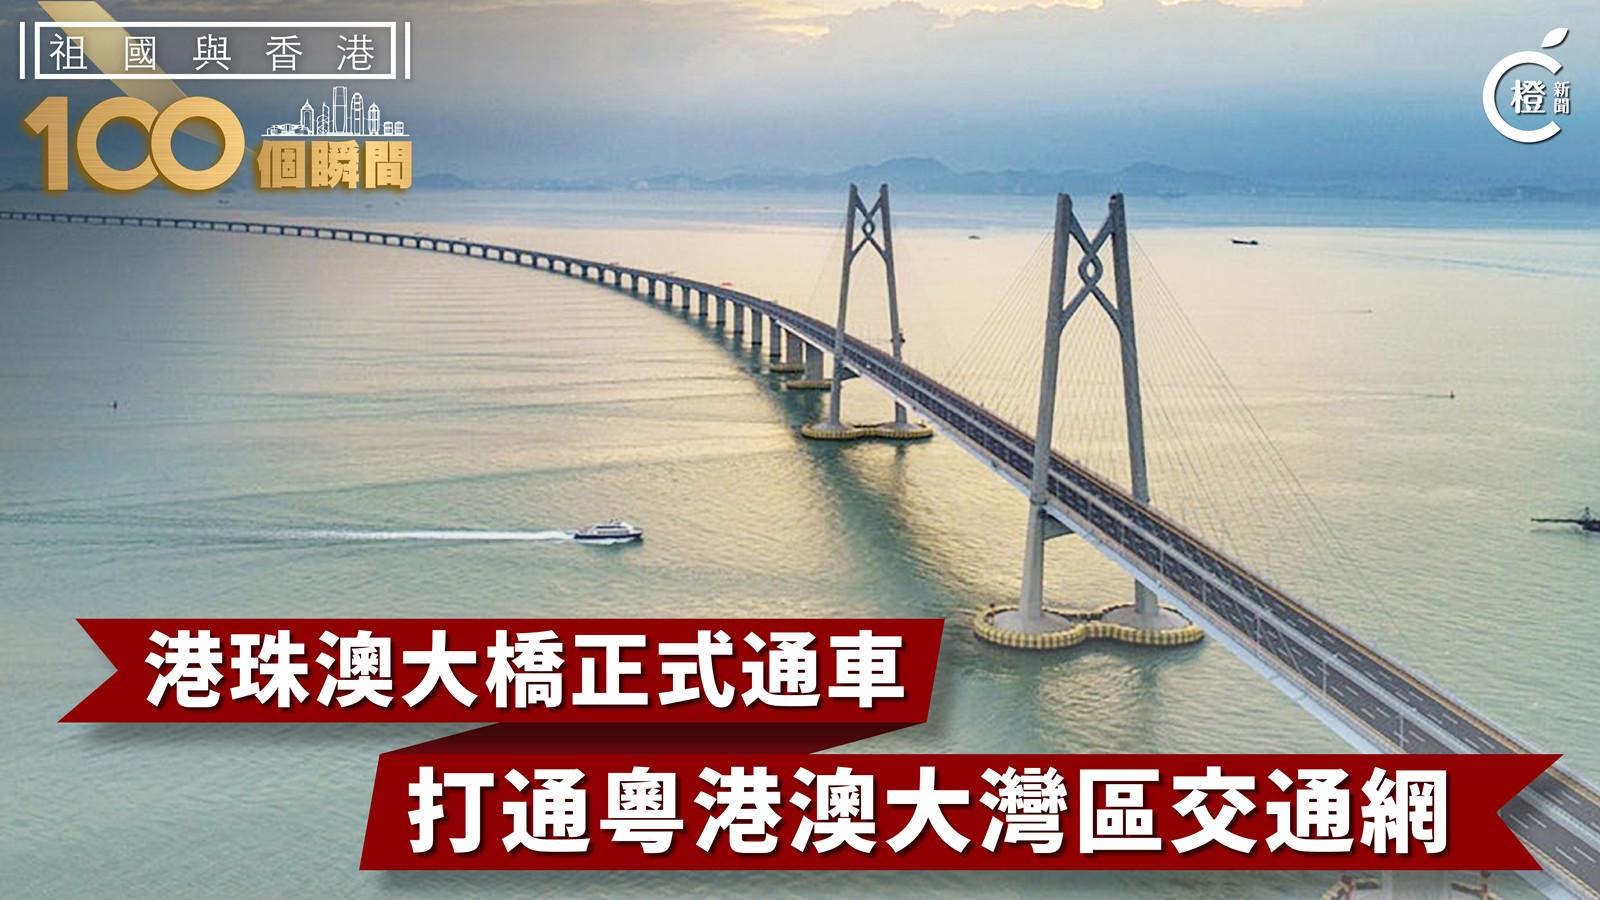 【祖國與香港100個瞬間】港珠澳大橋正式通車 開通粵港澳大灣區交通網